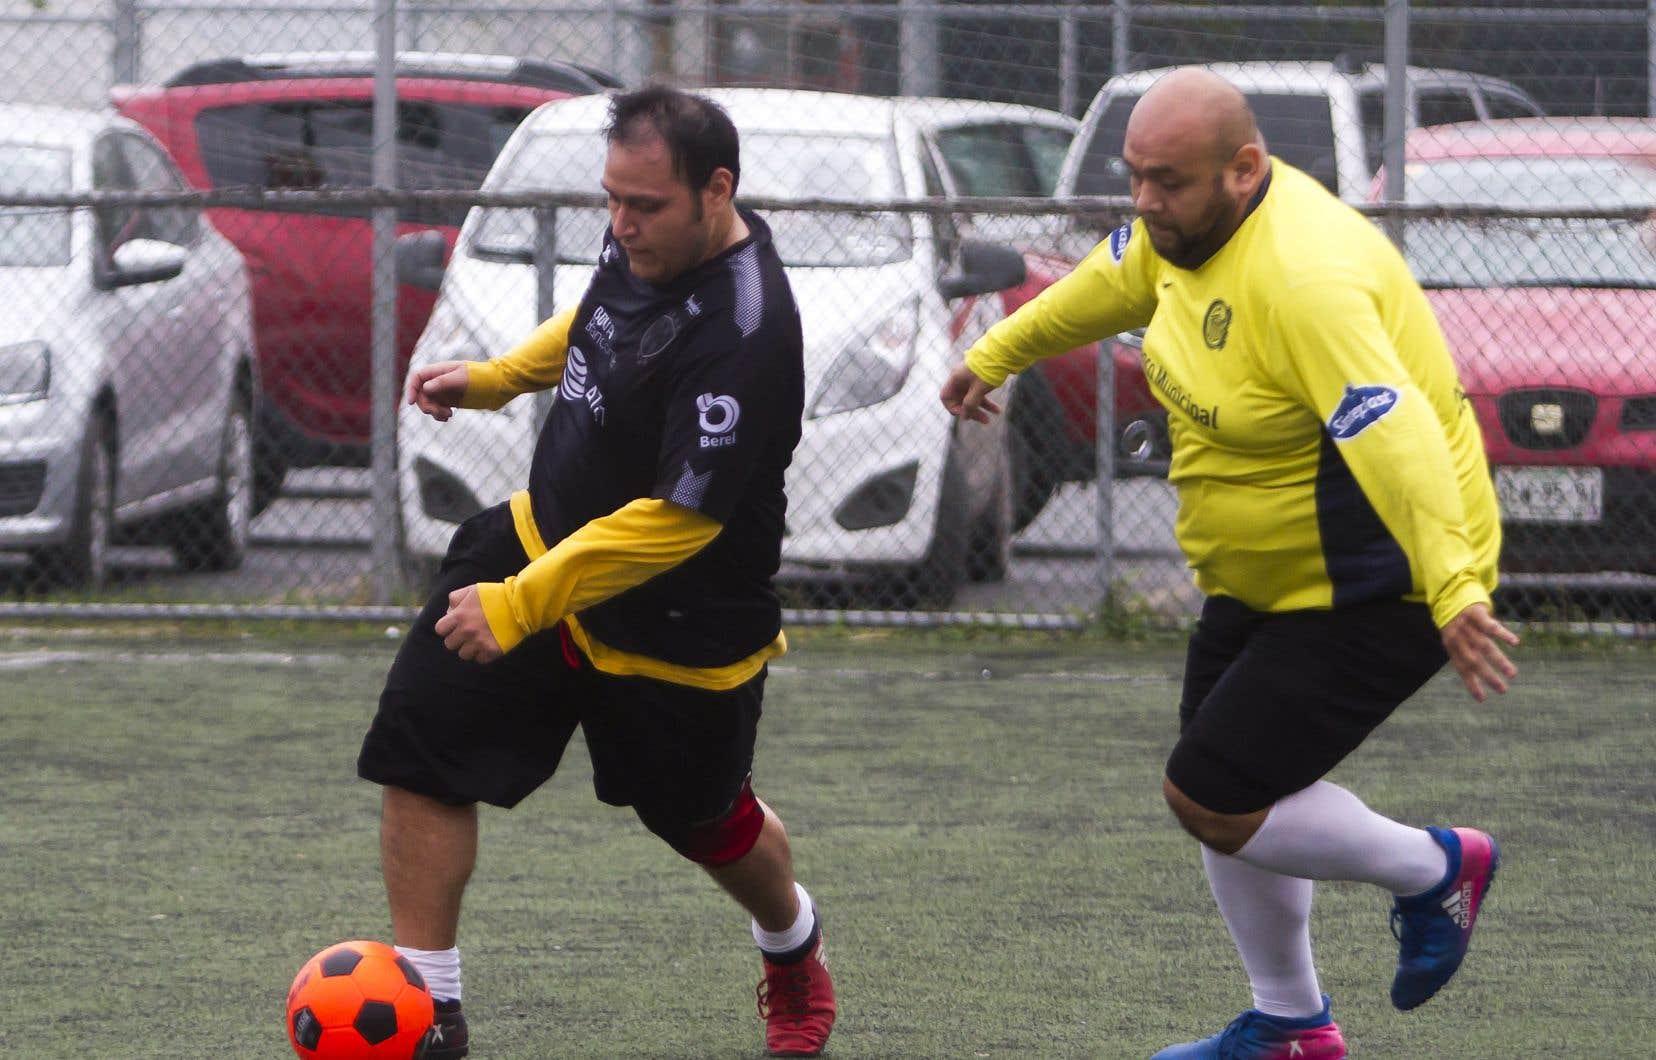 Lors du tournoi «Futbol de Peso» (soccer de poids),on ne comptabilise pas seulement les buts marqués, mais aussi les kilos perdus par chaque équipe.